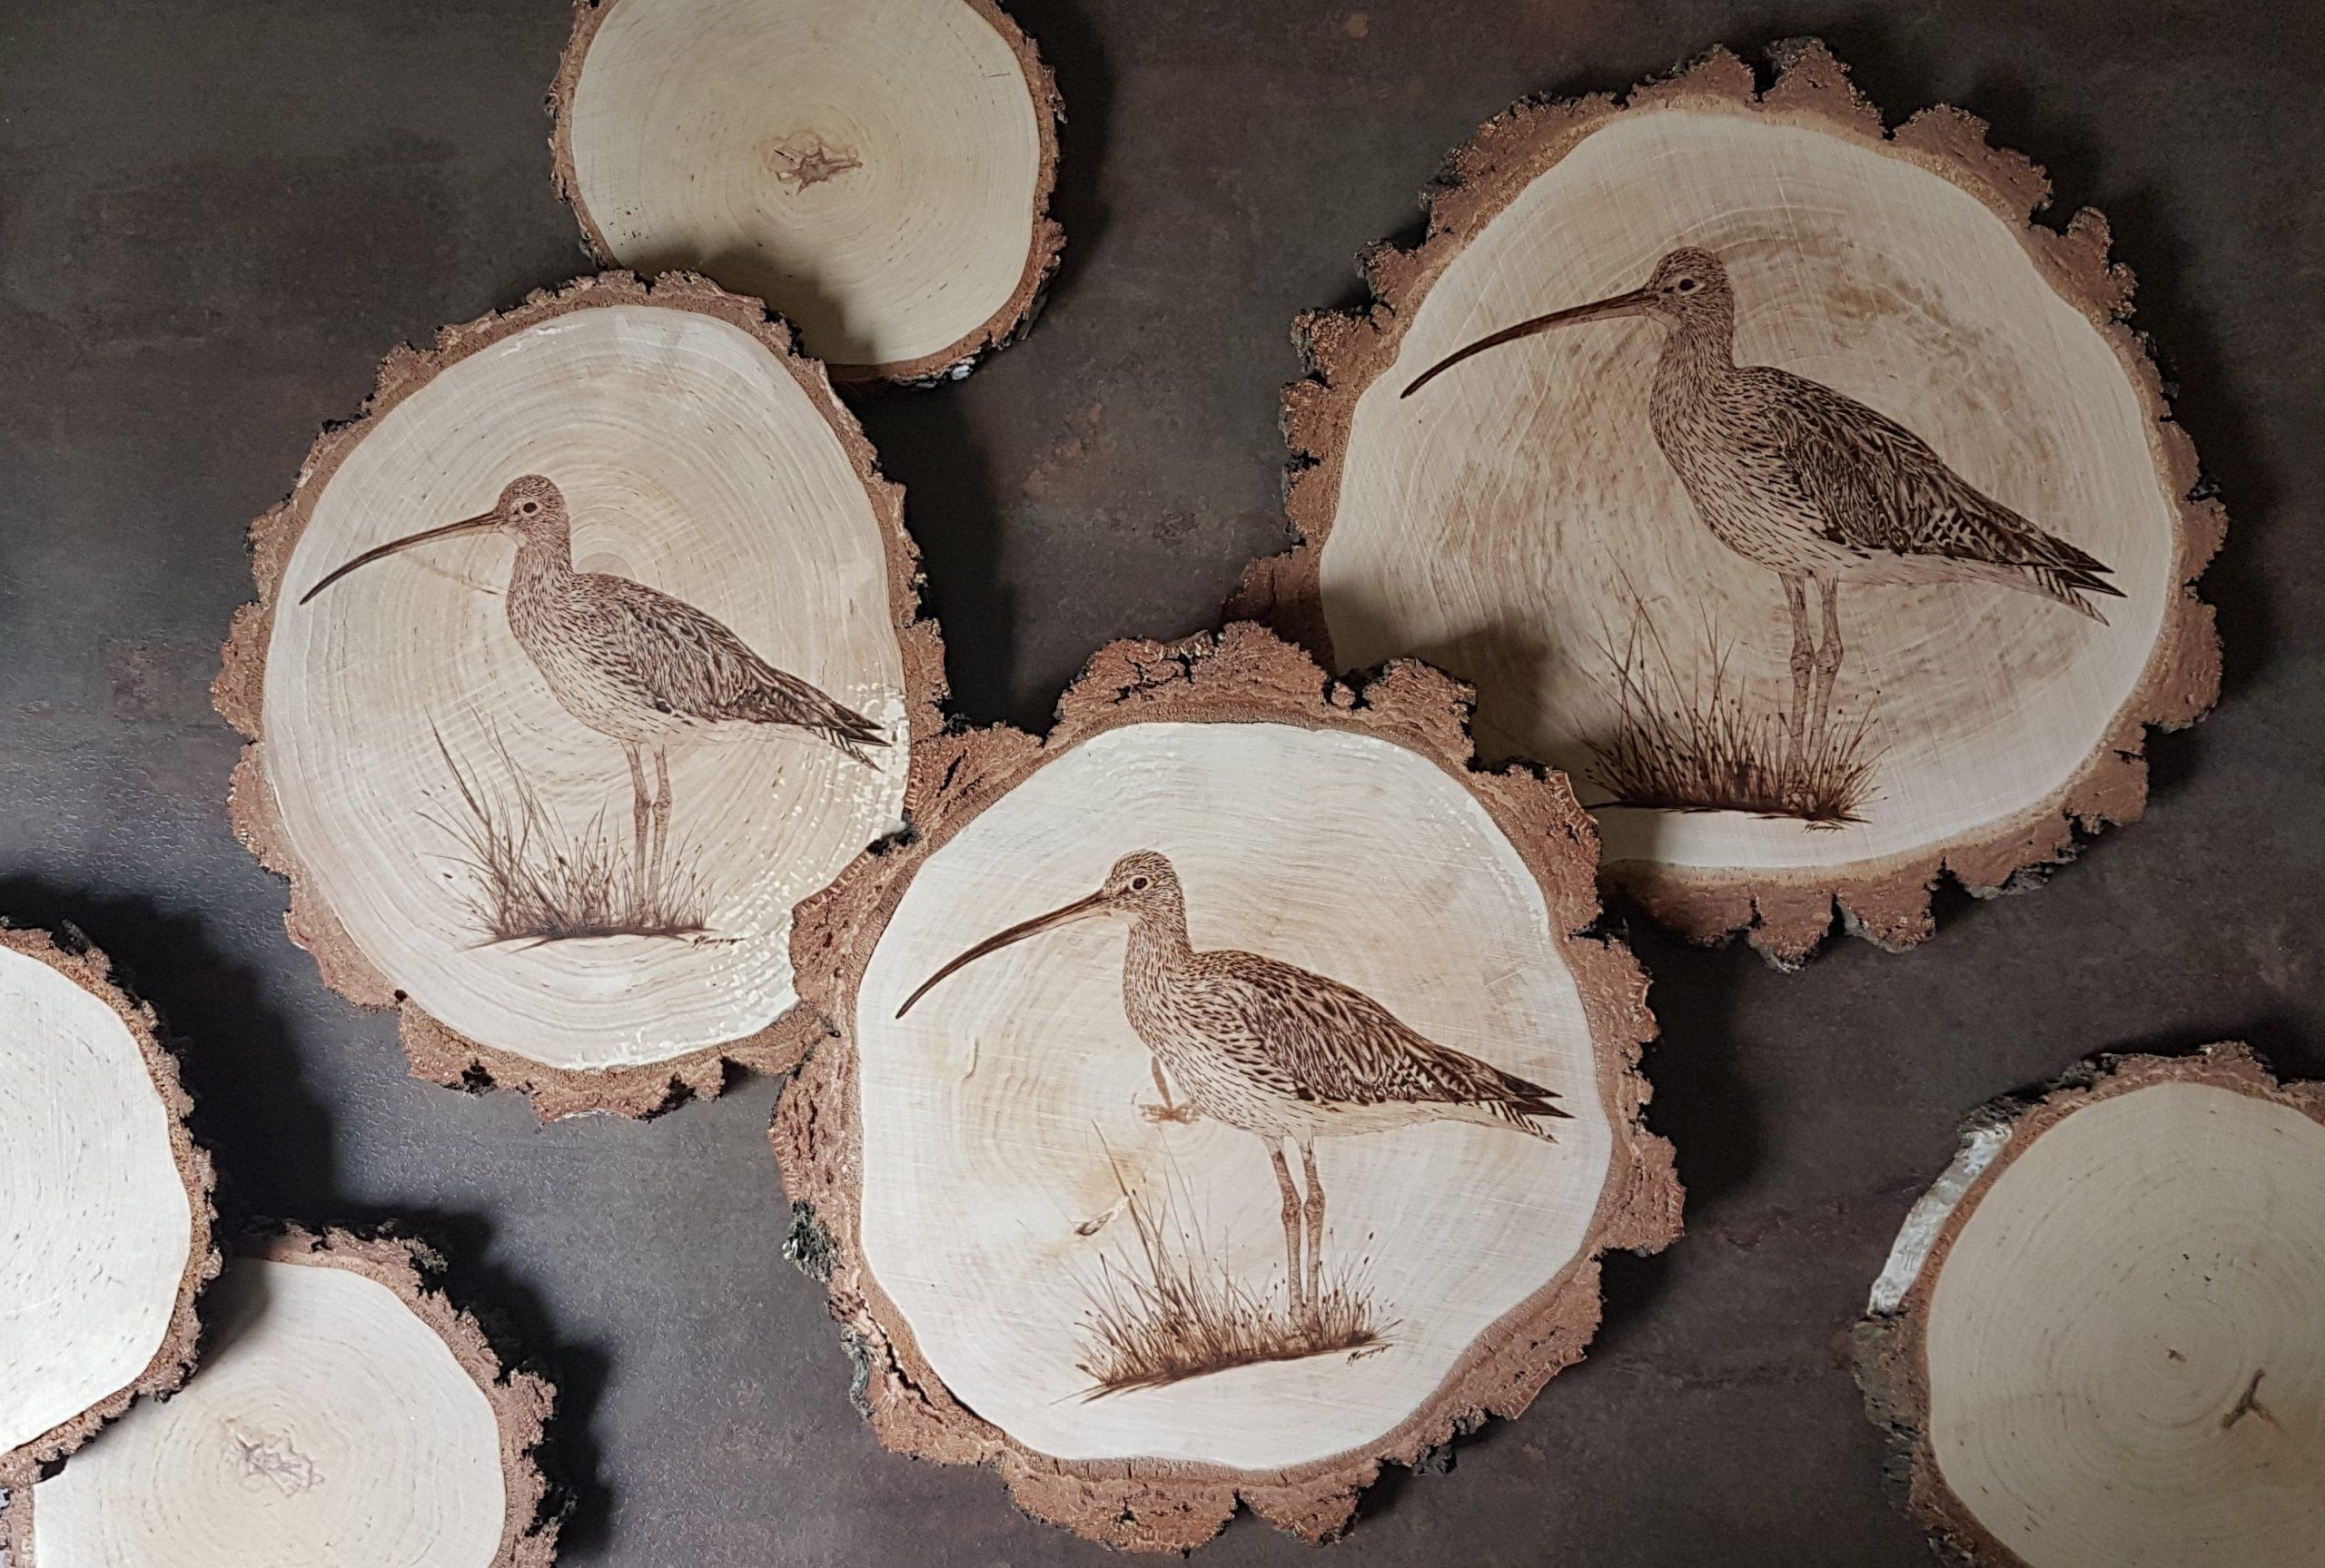 wypalanie w drewnie, sylwia, pirografia, janczyszyn, pyrography, handmade, rękodzieło, pomysł na prezent, kulik wielki